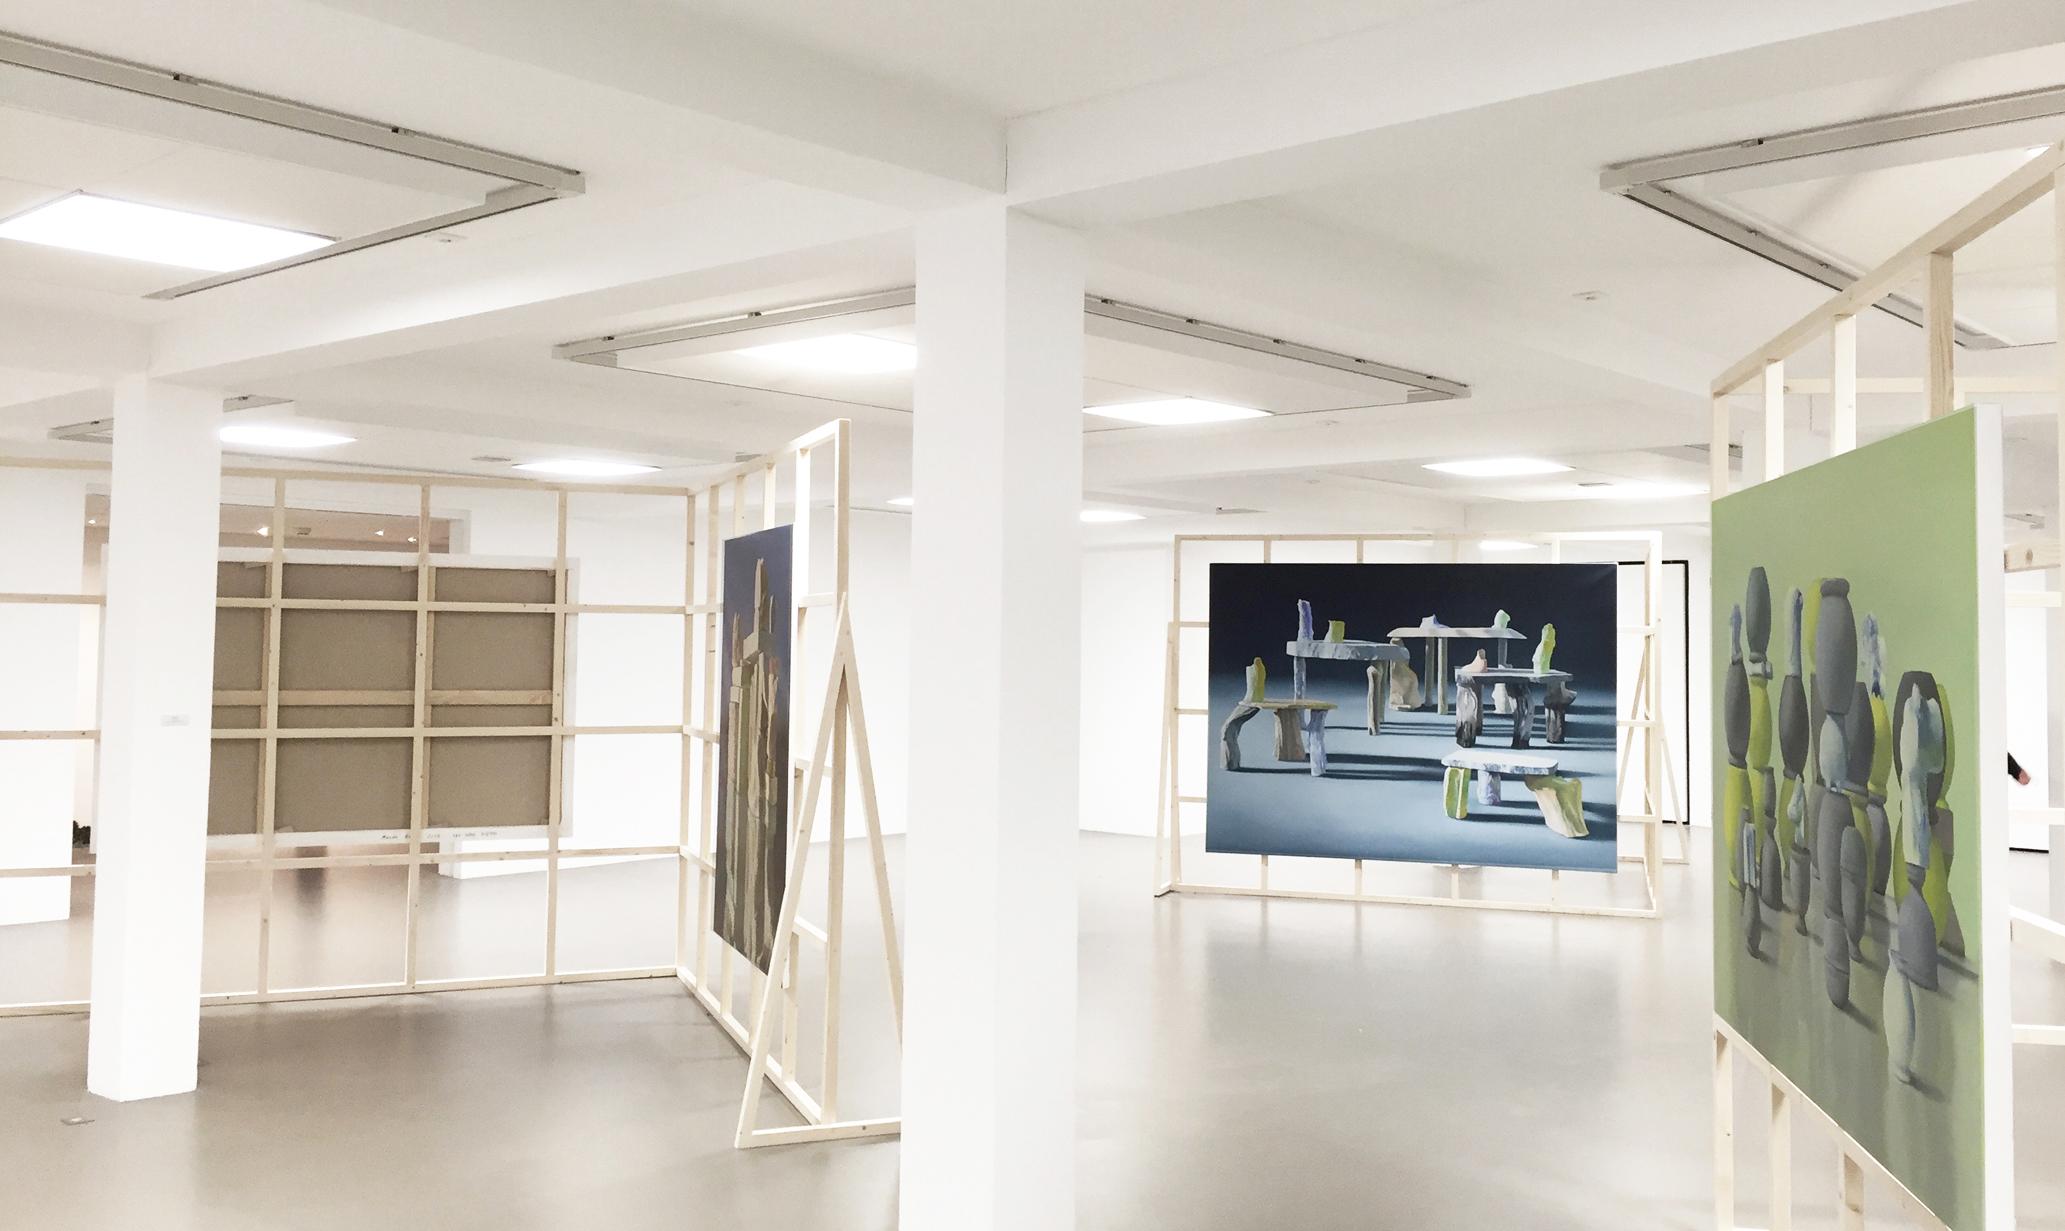 Galerie de l'Etrave